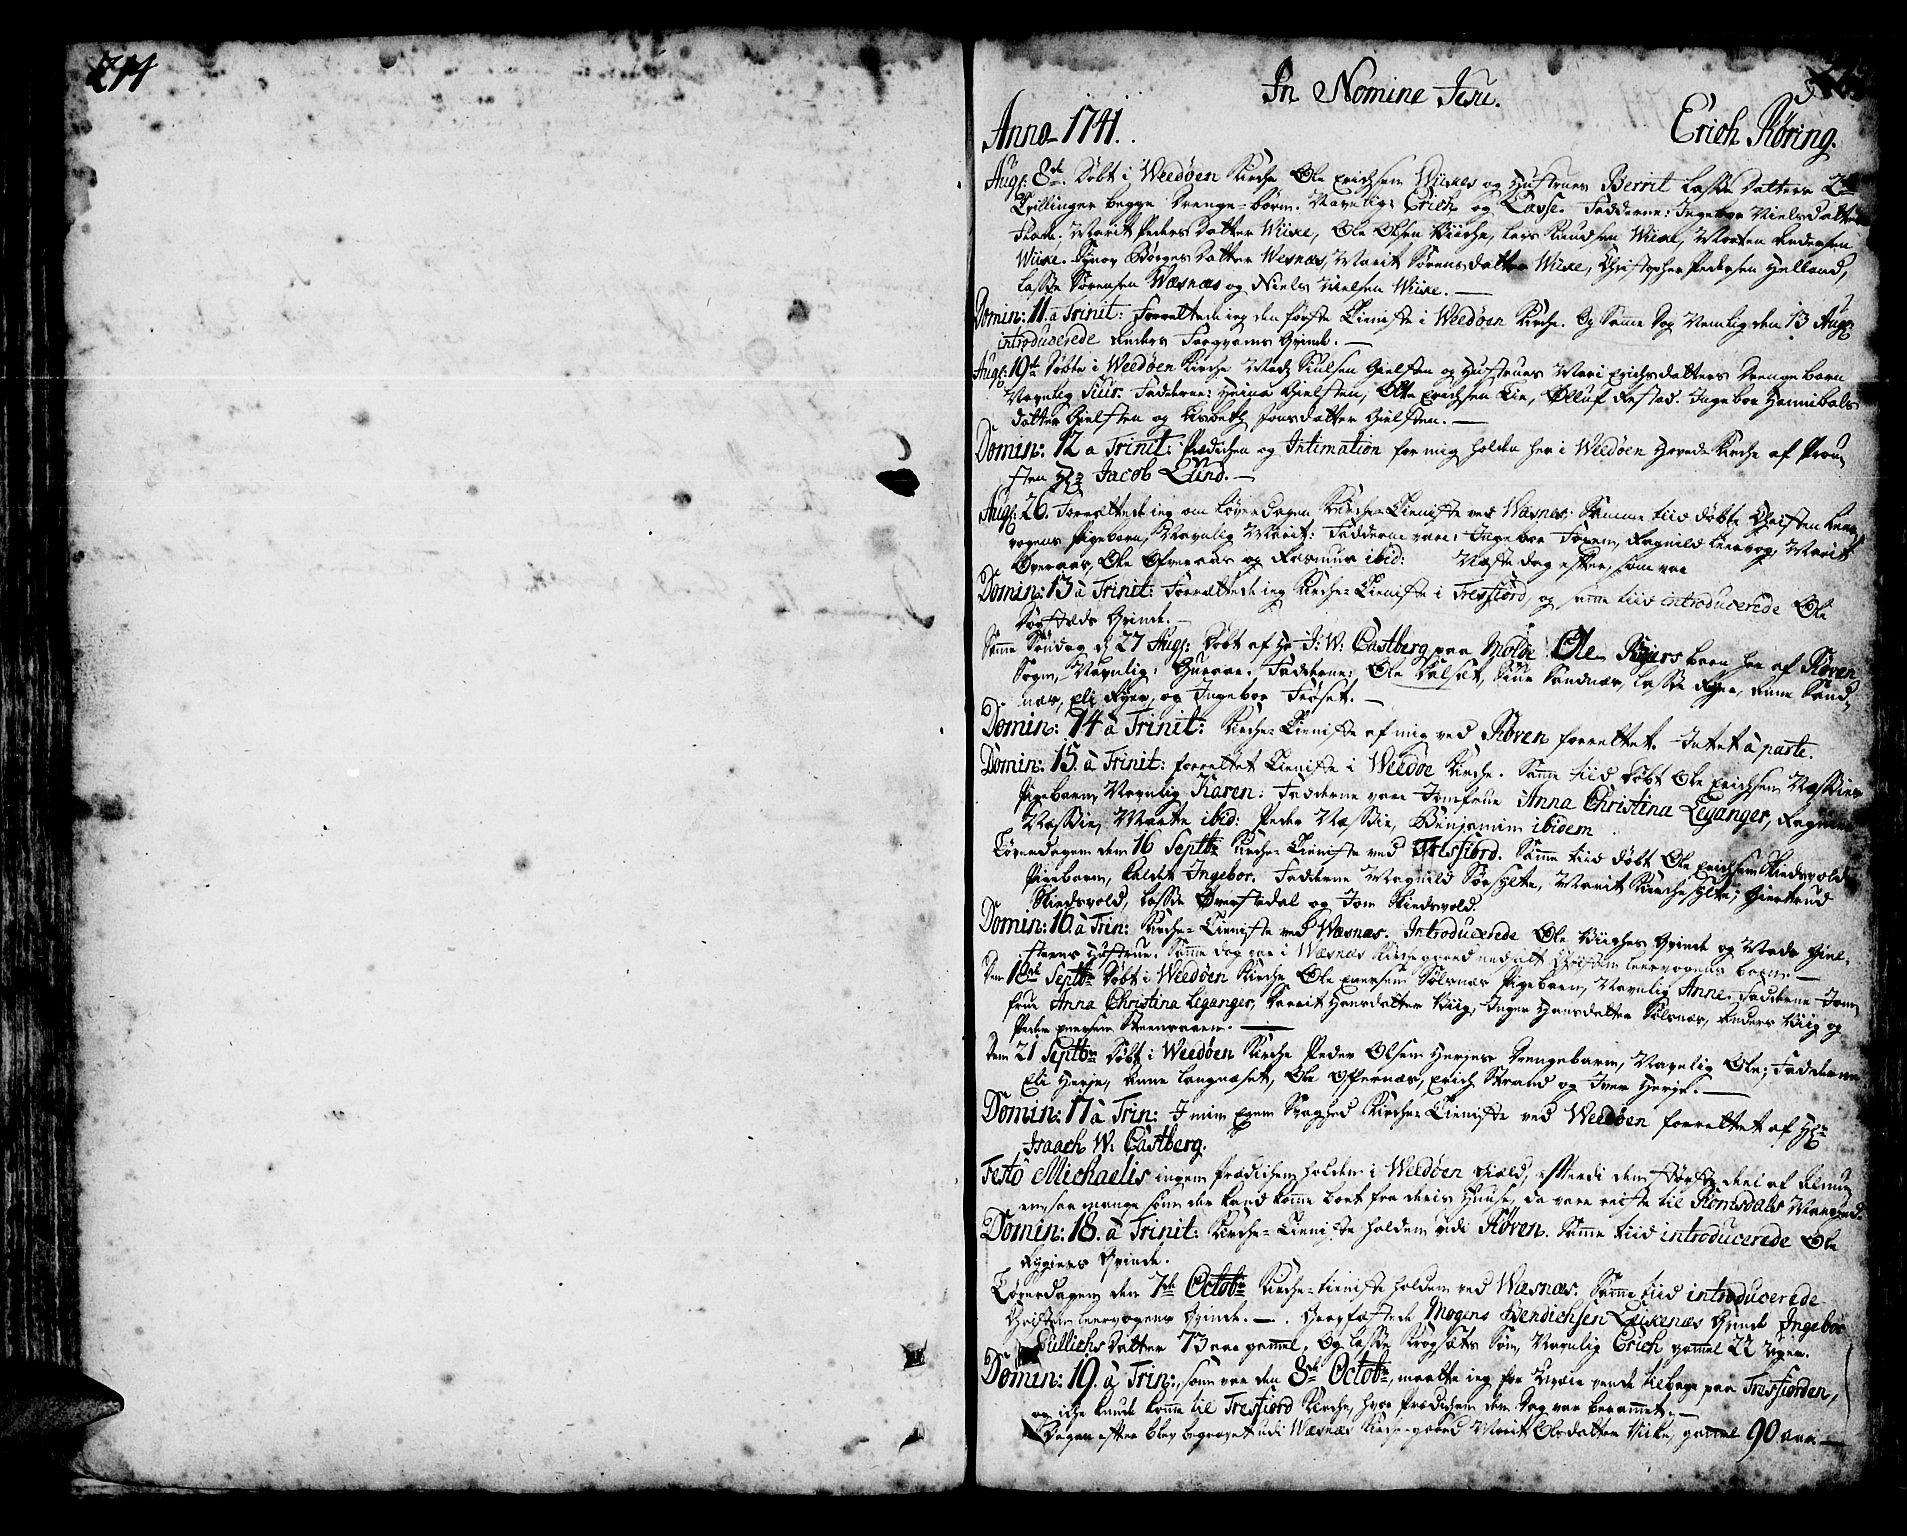 SAT, Ministerialprotokoller, klokkerbøker og fødselsregistre - Møre og Romsdal, 547/L0599: Parish register (official) no. 547A01, 1721-1764, p. 214-215